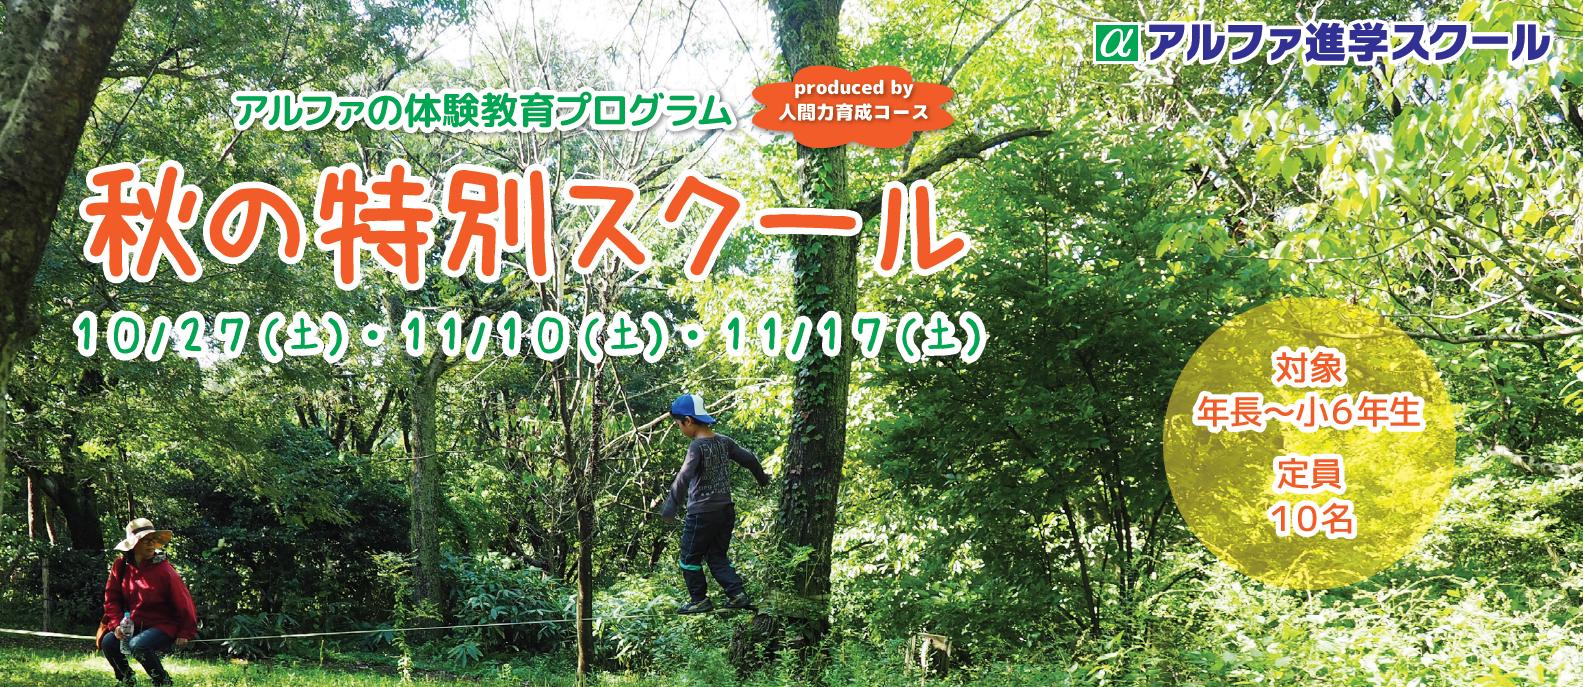 【申込受付終了】秋の特別スクール&第5回森育アウトドアワークショップ